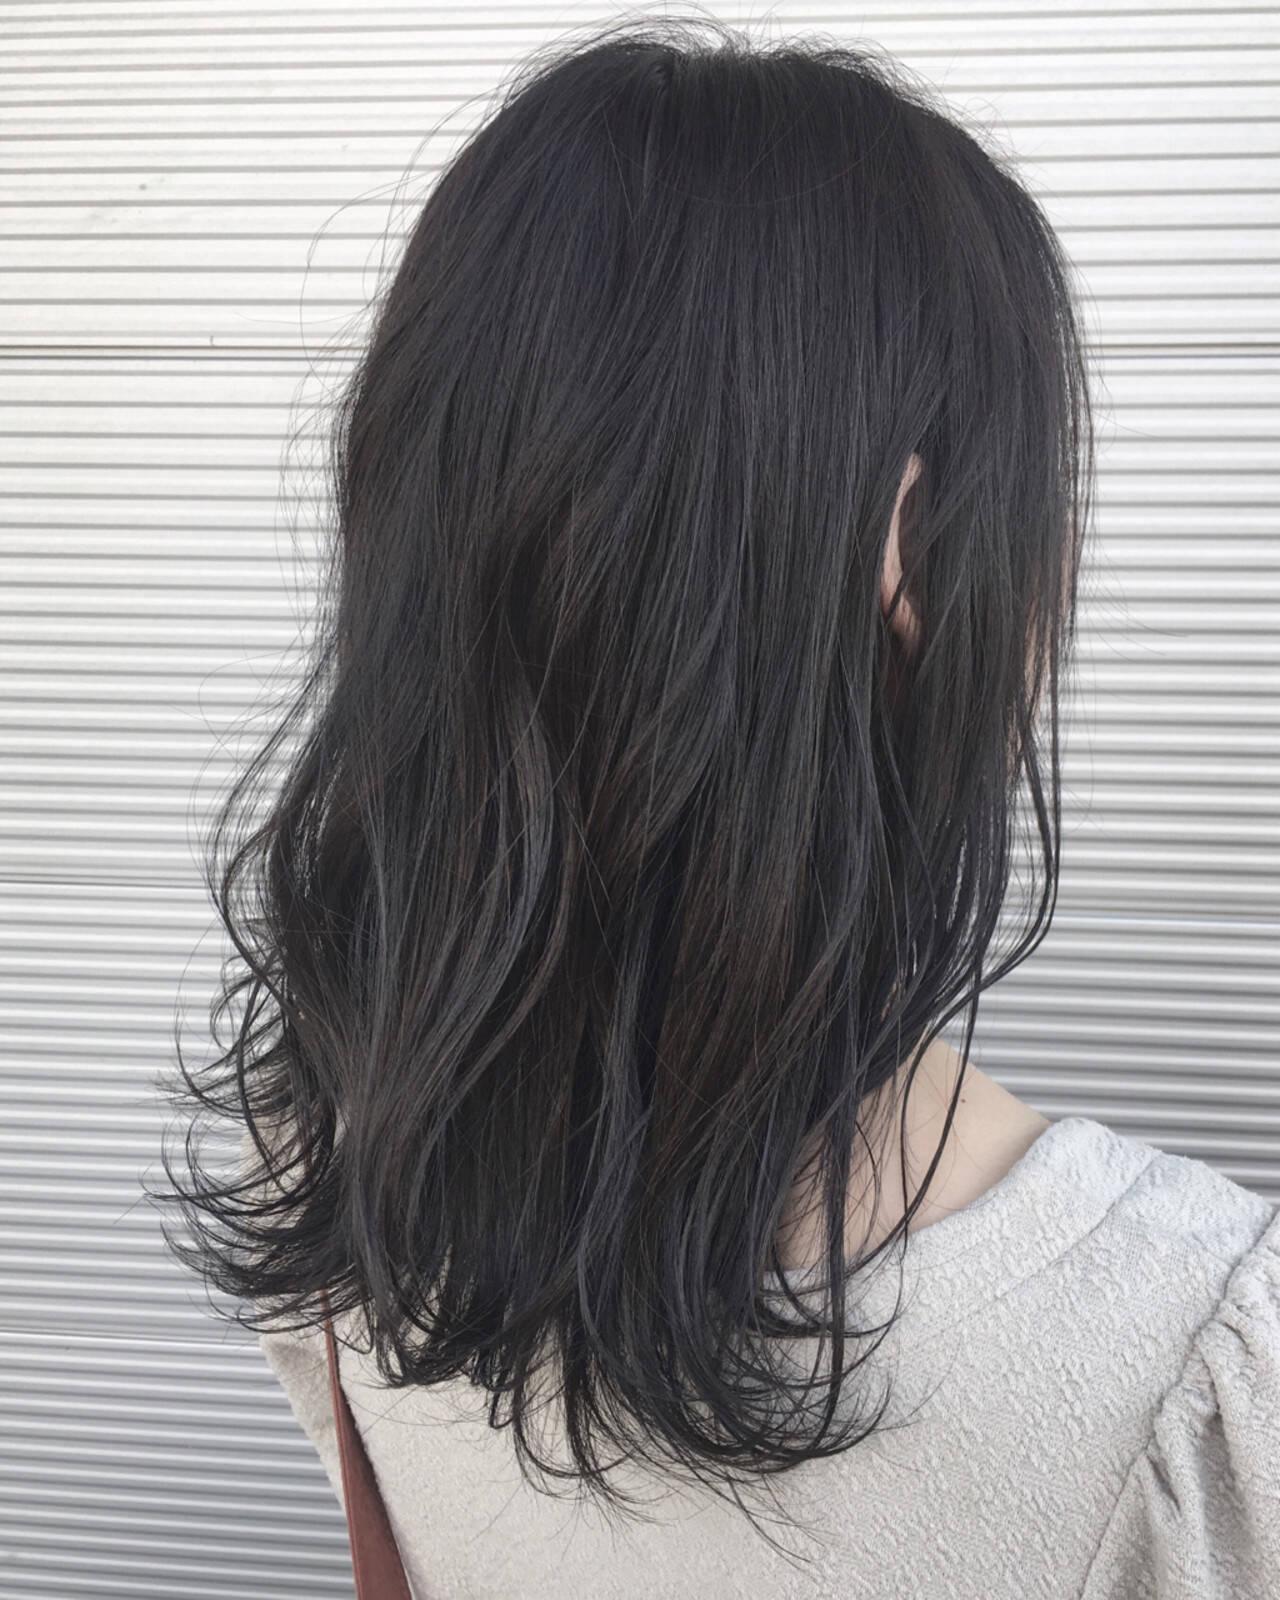 セミロング コンサバ 暗髪 ブラックグレーヘアスタイルや髪型の写真・画像